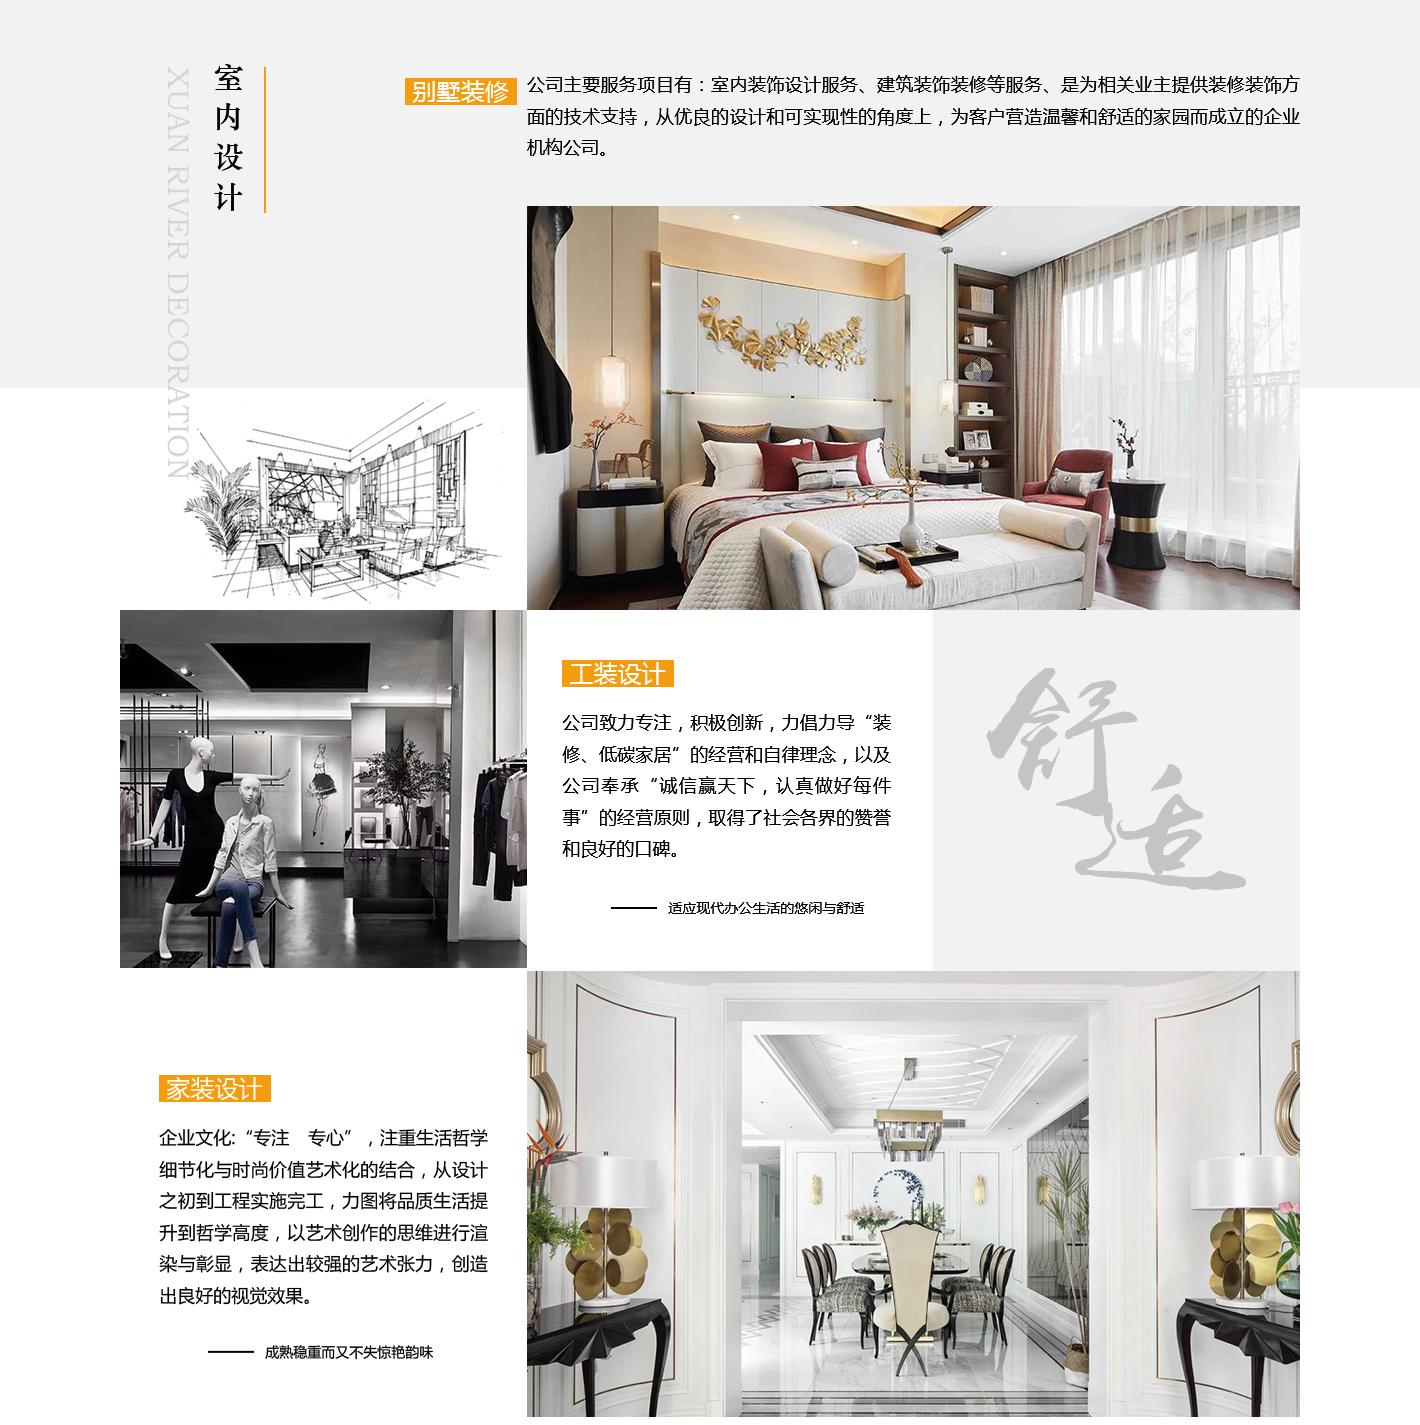 潍坊玄河装饰工程有限公司设计理念